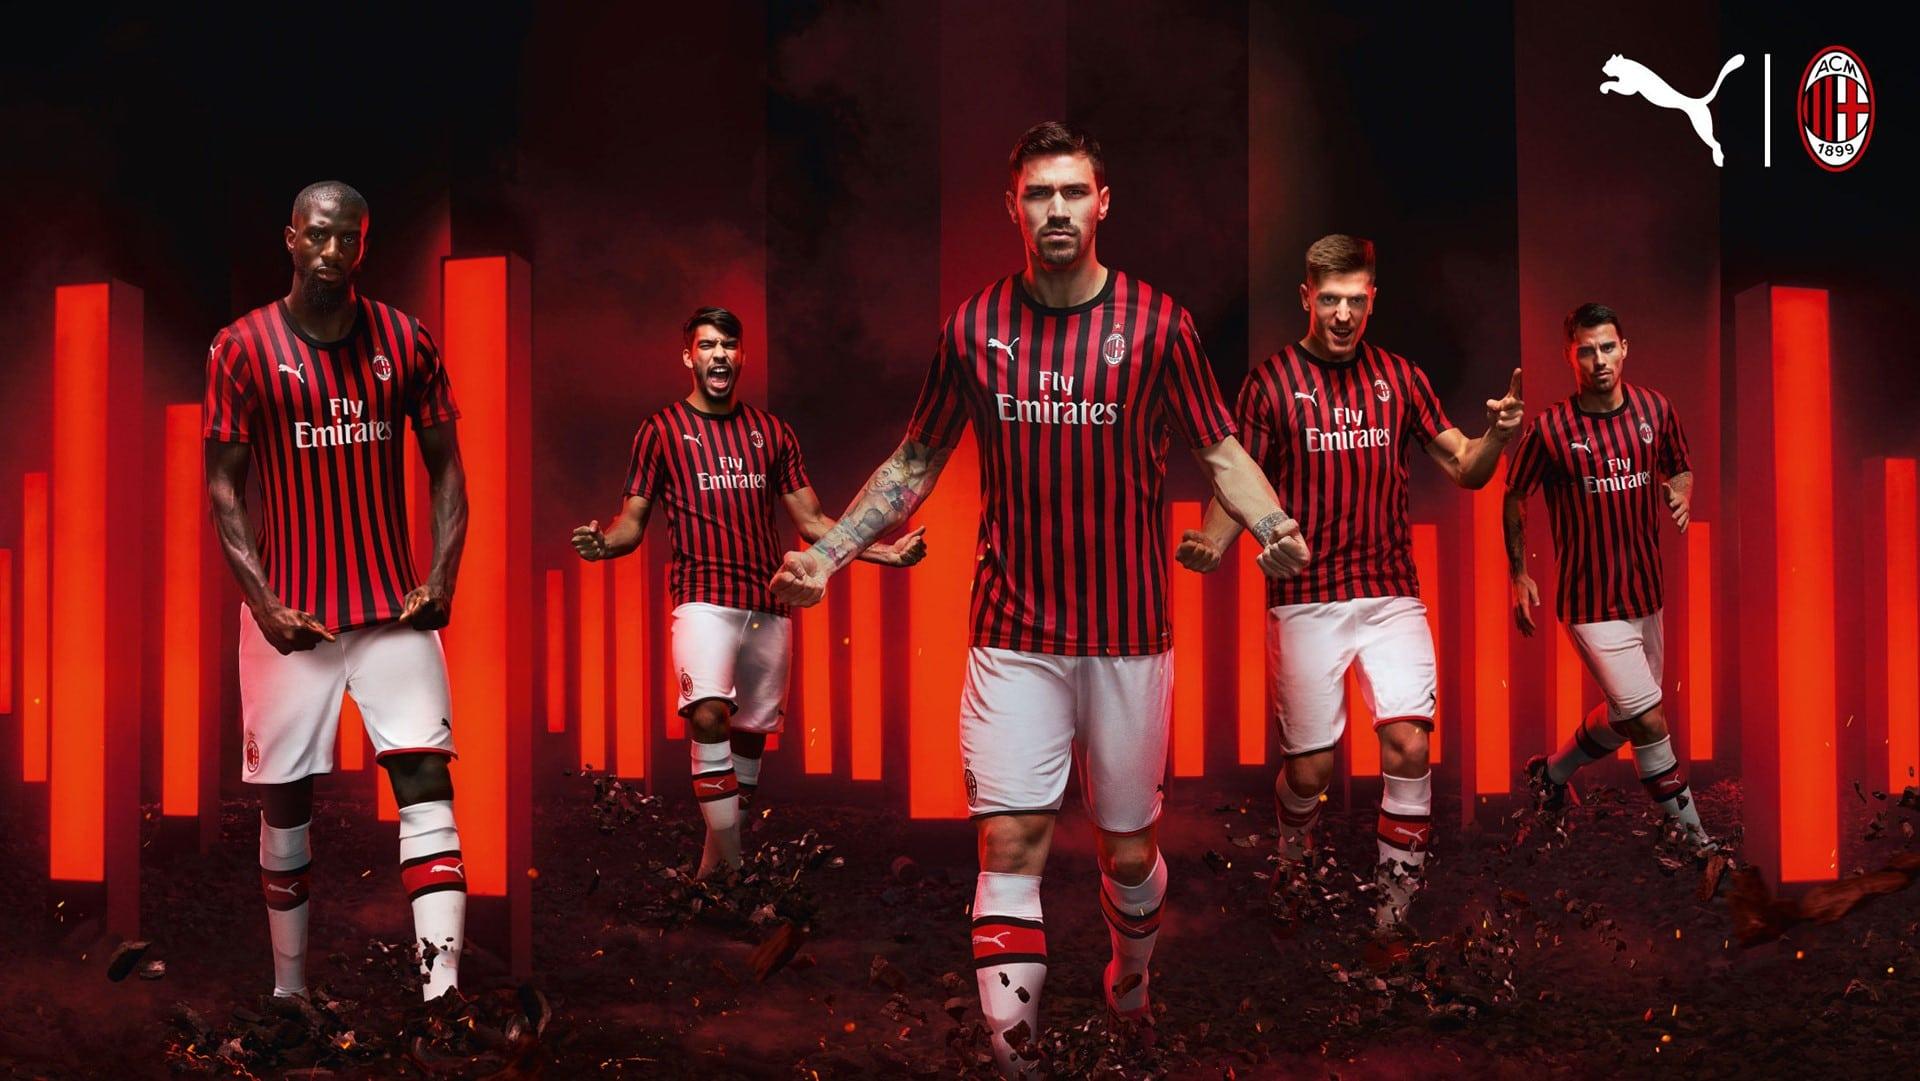 AC Milan Home Kit 2019/20